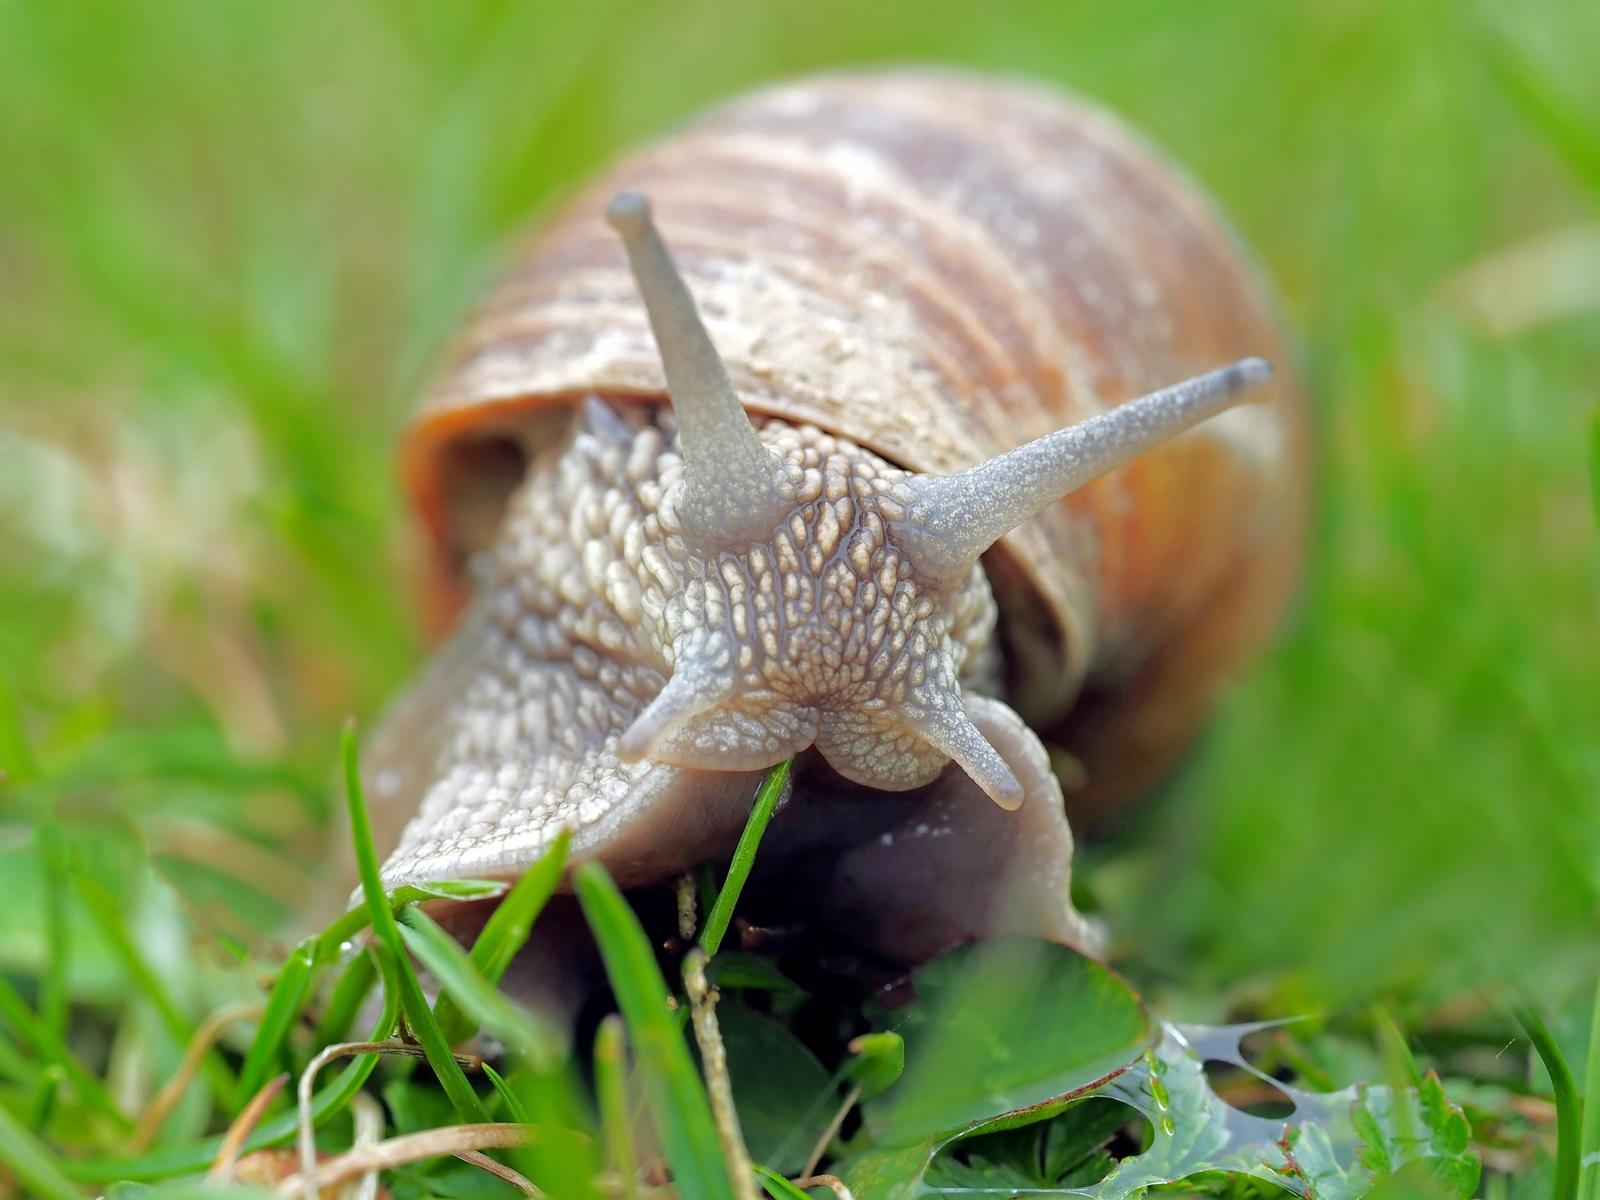 download wallpaper: slak in het gras wallpaper